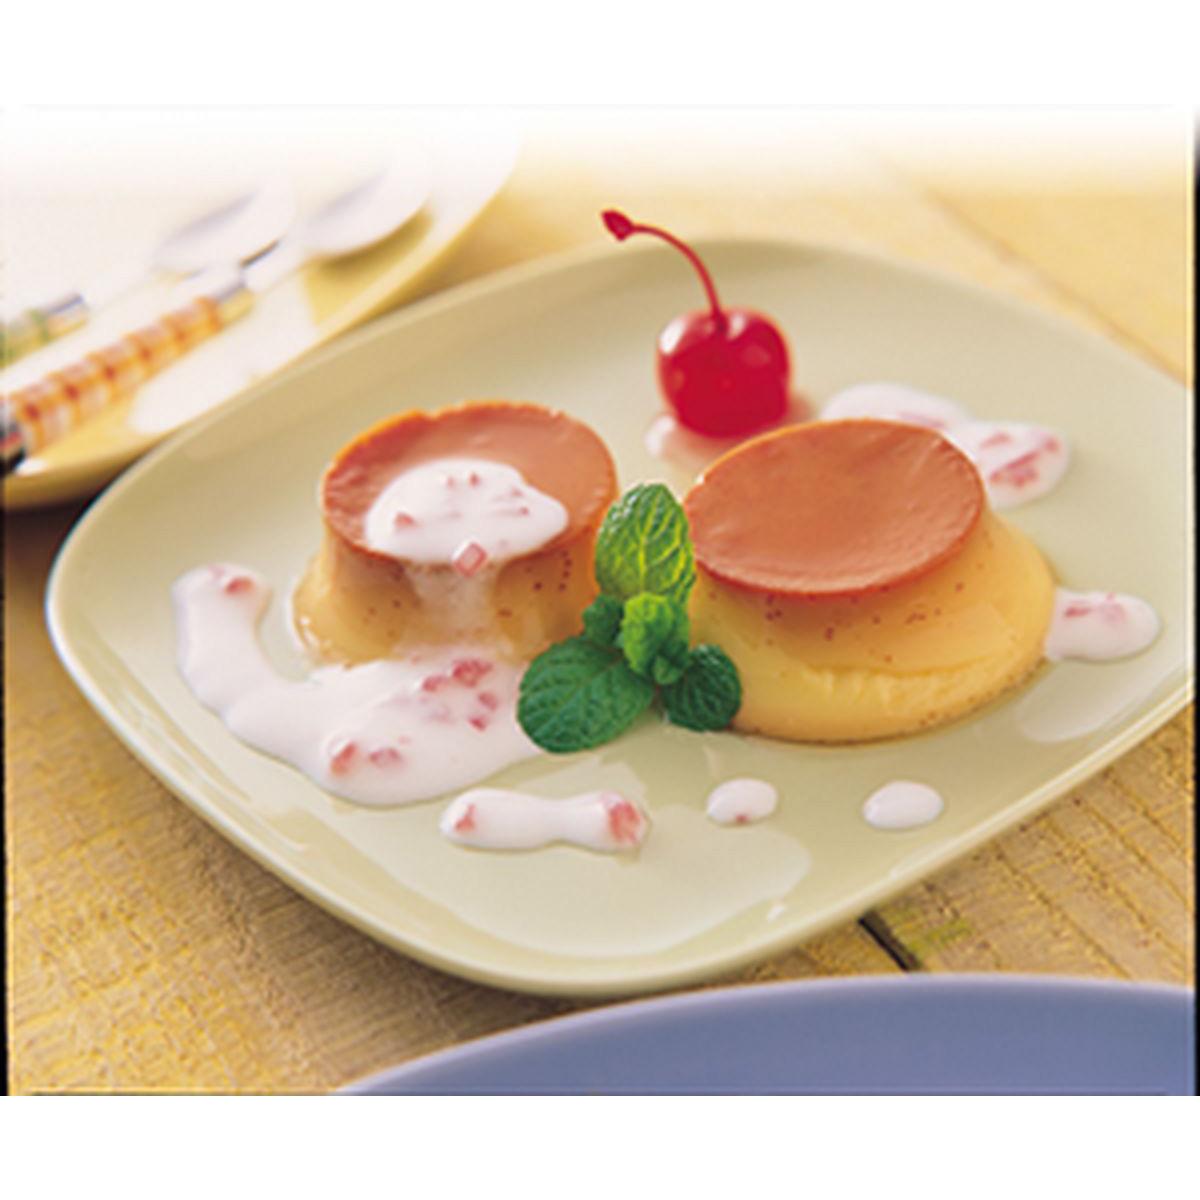 食譜:櫻桃布丁